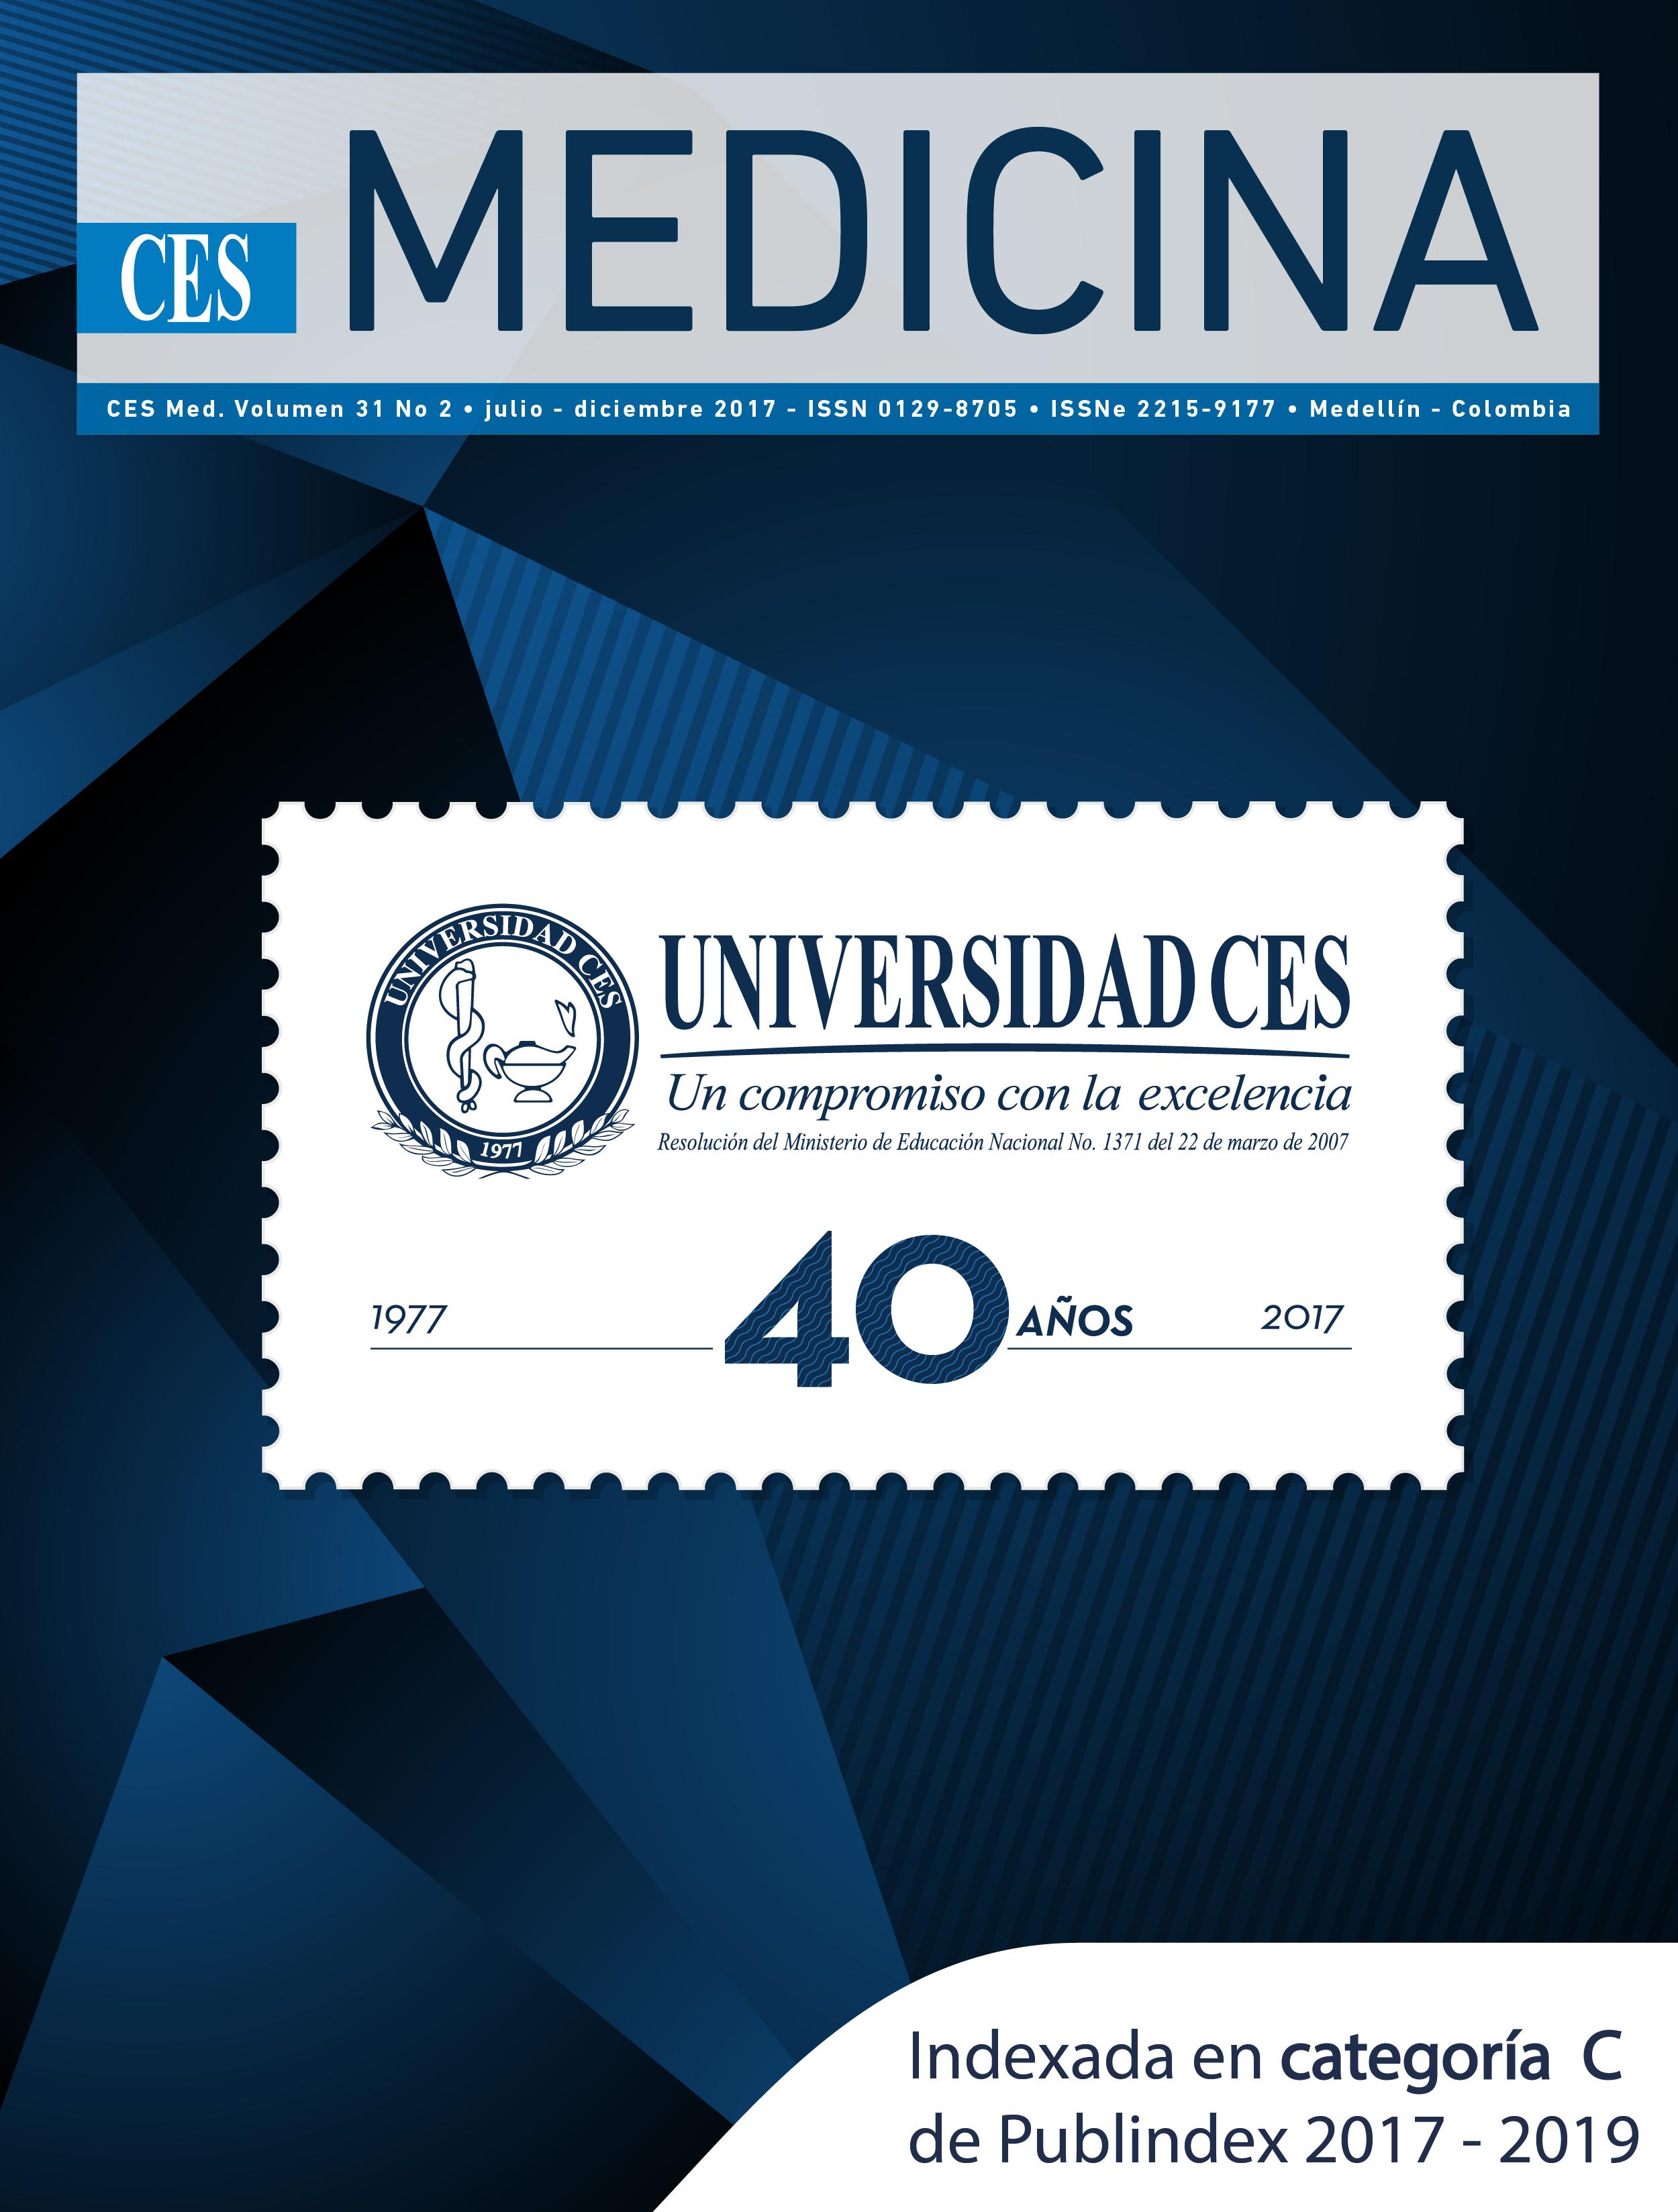 Universidad CES 40 años